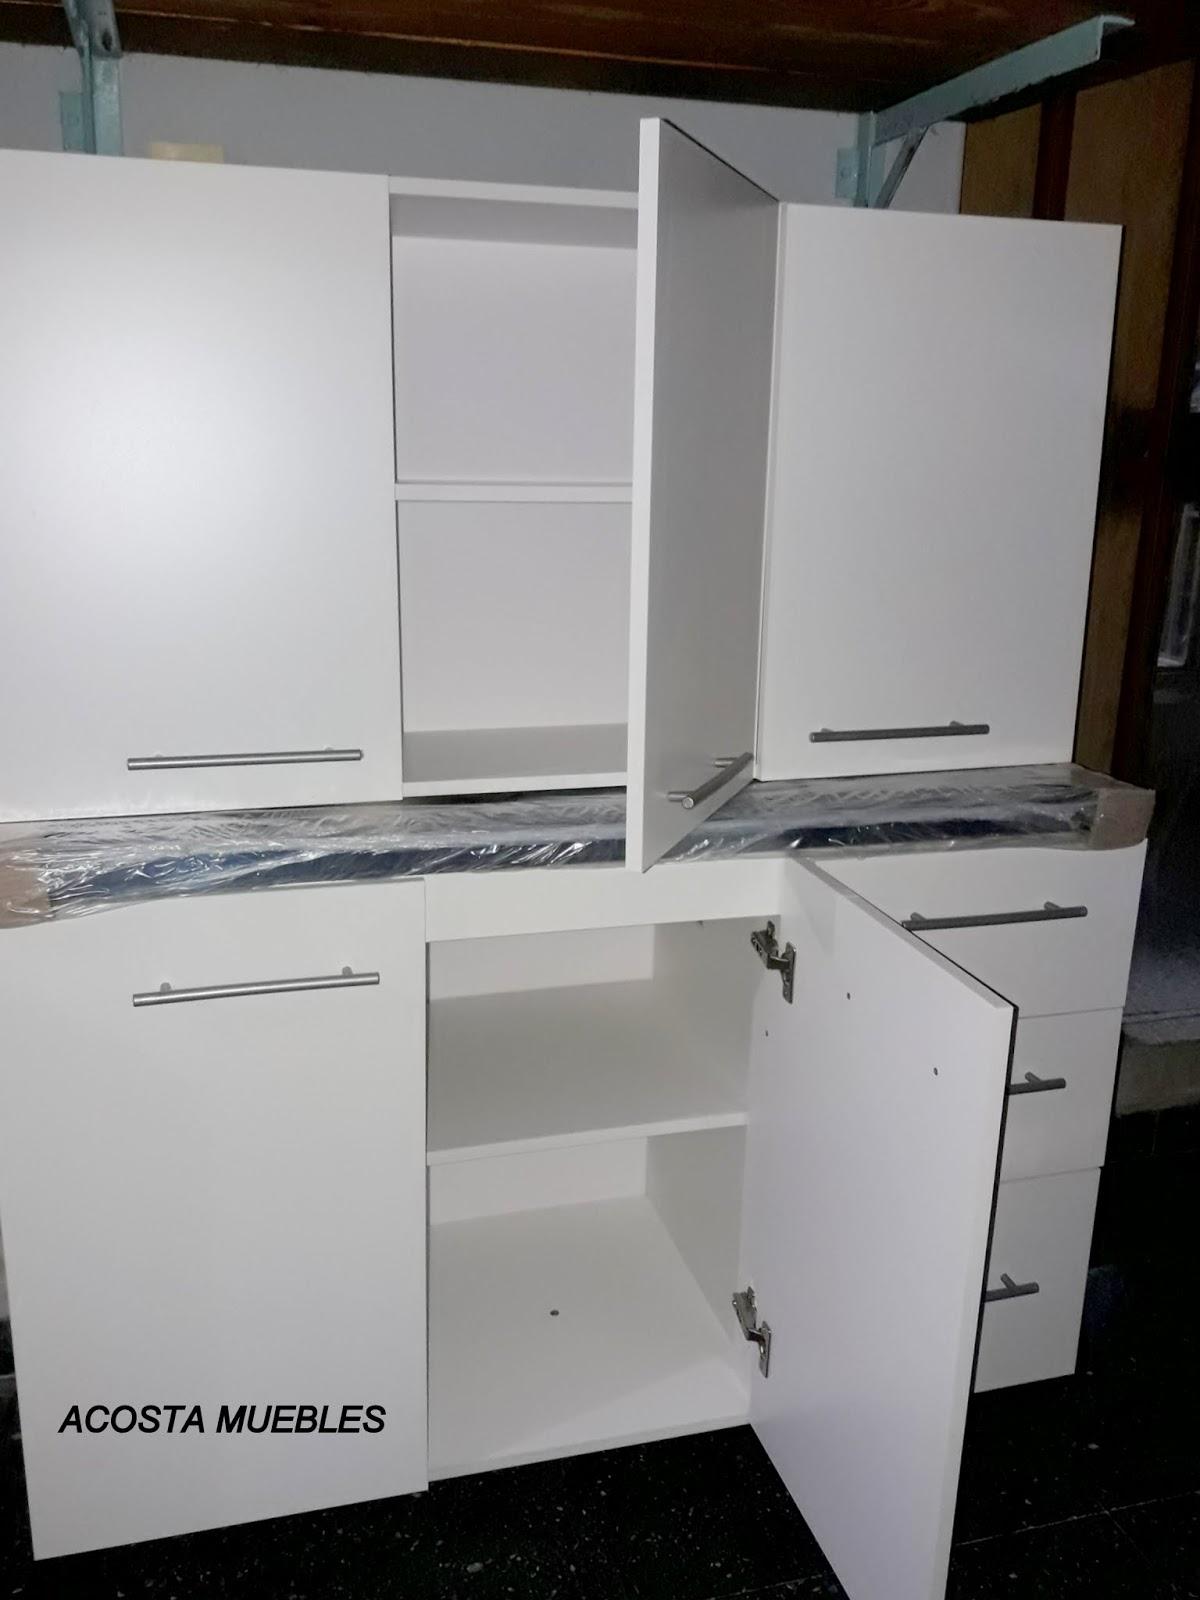 Acosta muebles y electr nica necesitas renovar tu cocina - Renovar muebles cocina ...